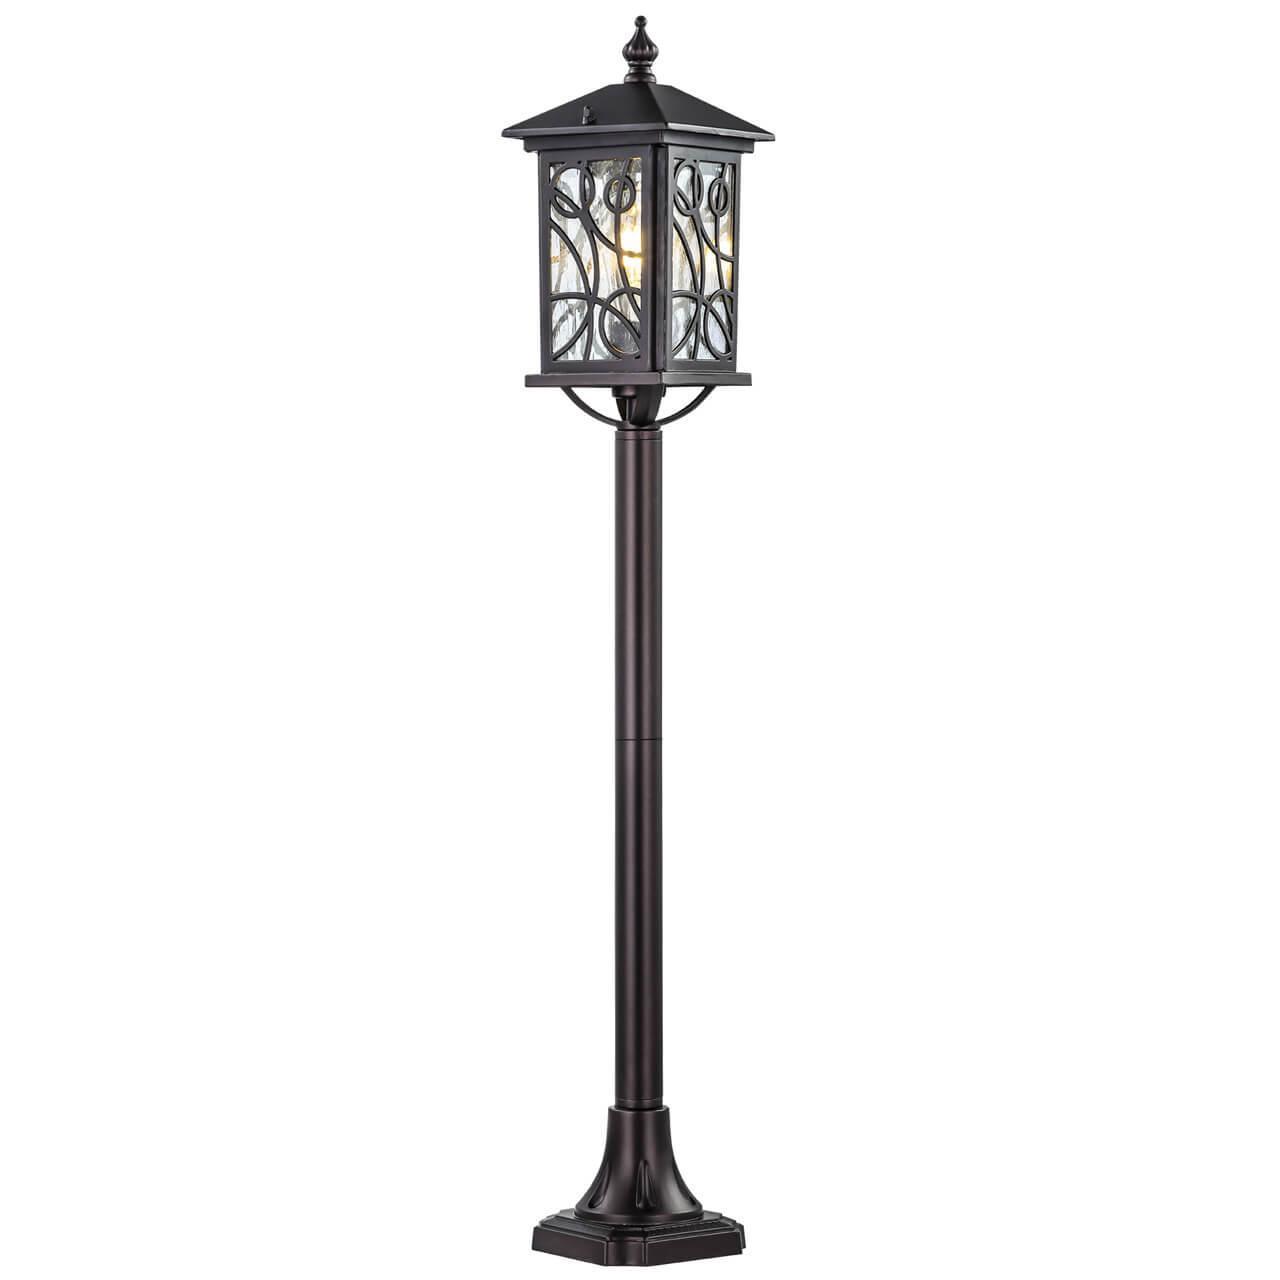 Уличный светильник Elektrostandard Tira F кофейное золото GL 1005F 4690389148422